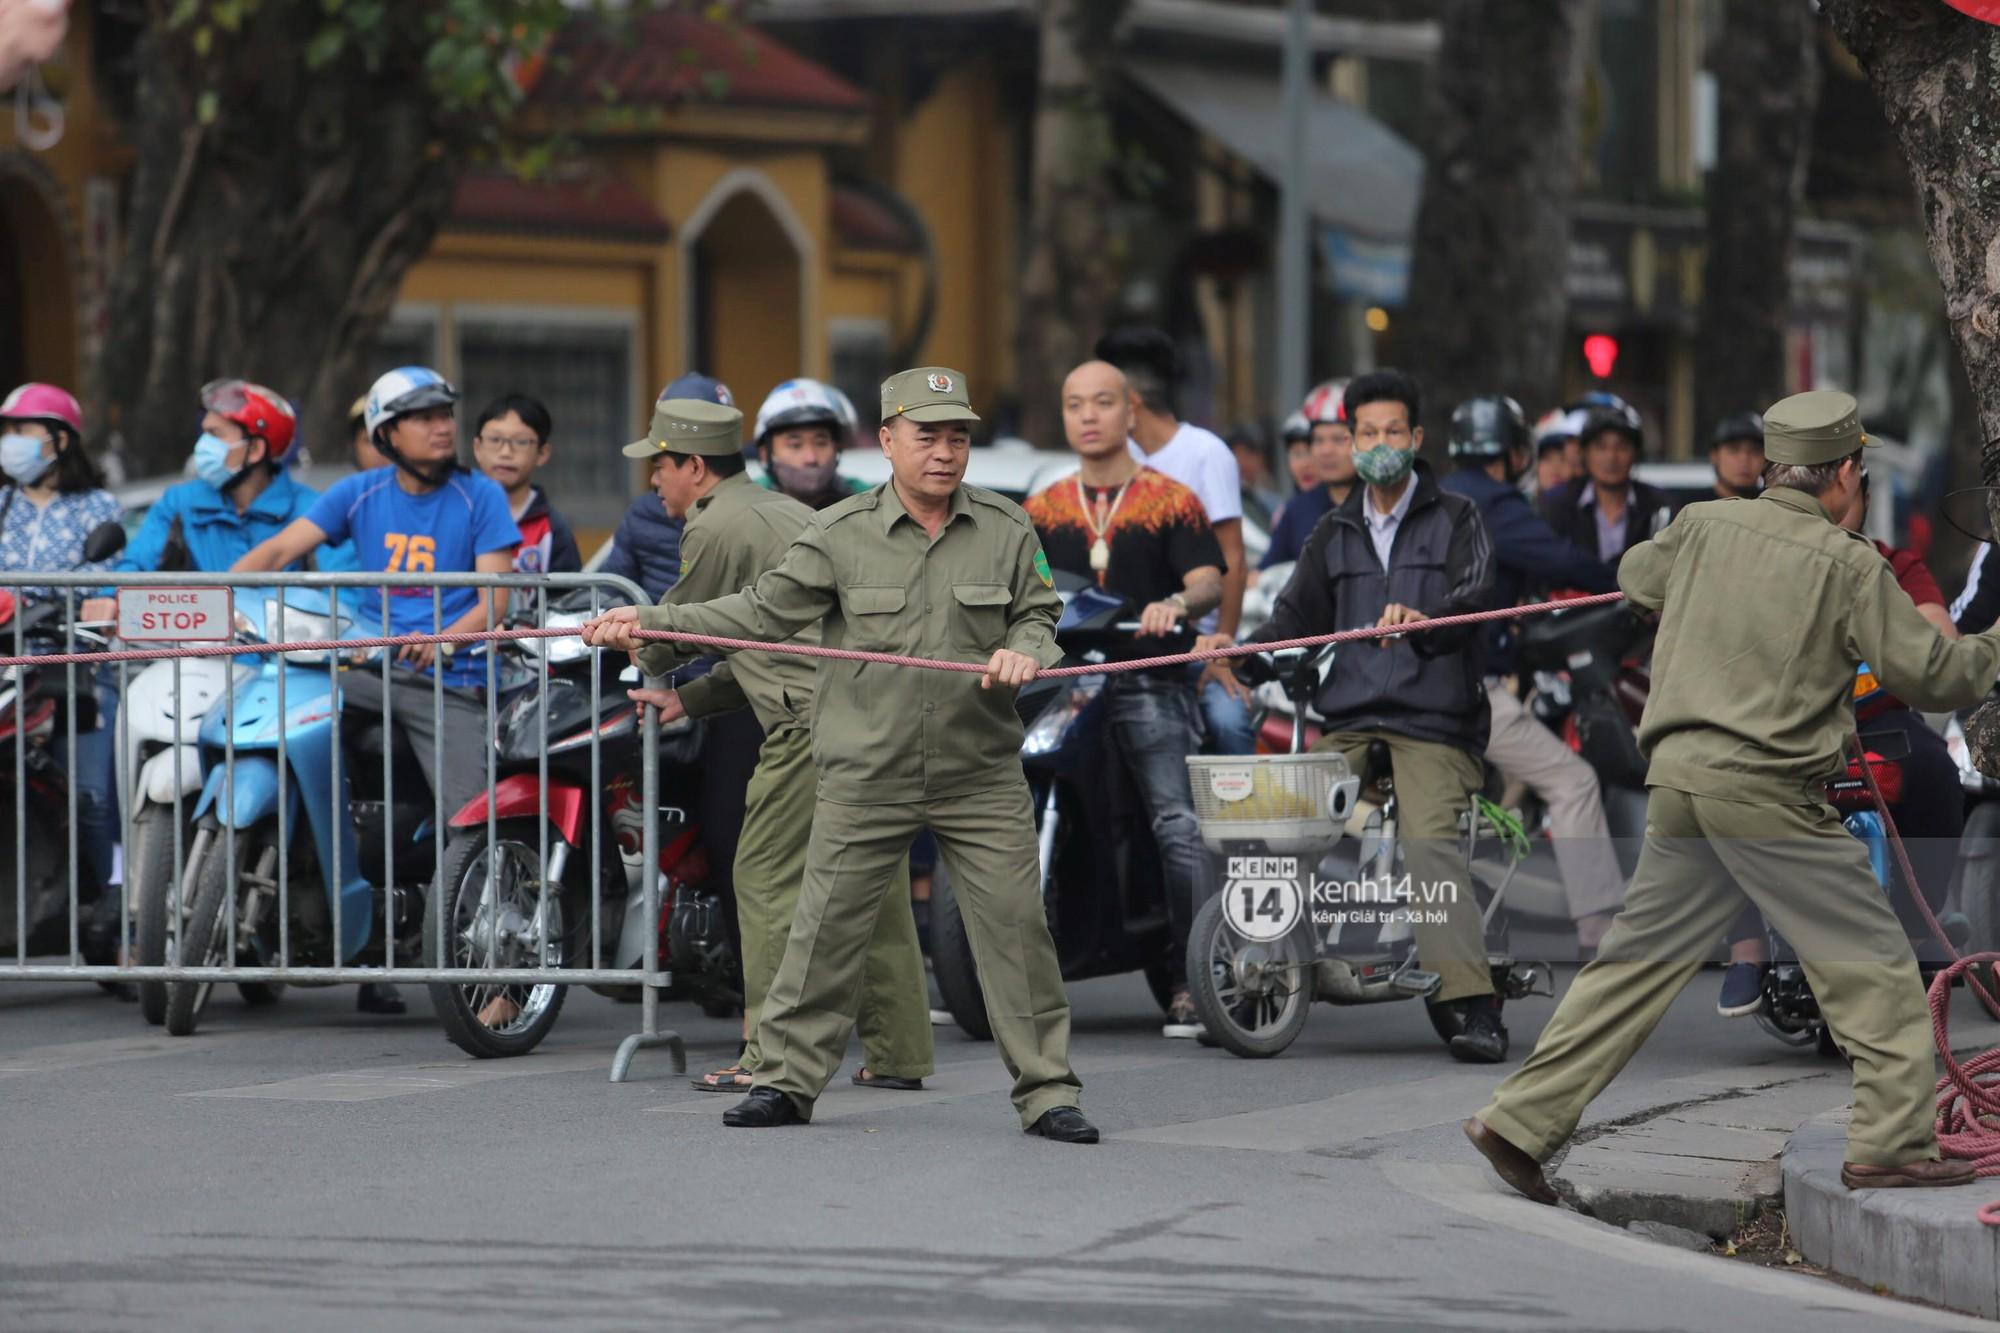 Chủ tịch Kim Jong-un vẫy tay chào người dân, đang trên đường viếng đài liệt sĩ và lăng Chủ tịch Hồ Chí Minh - Ảnh 6.